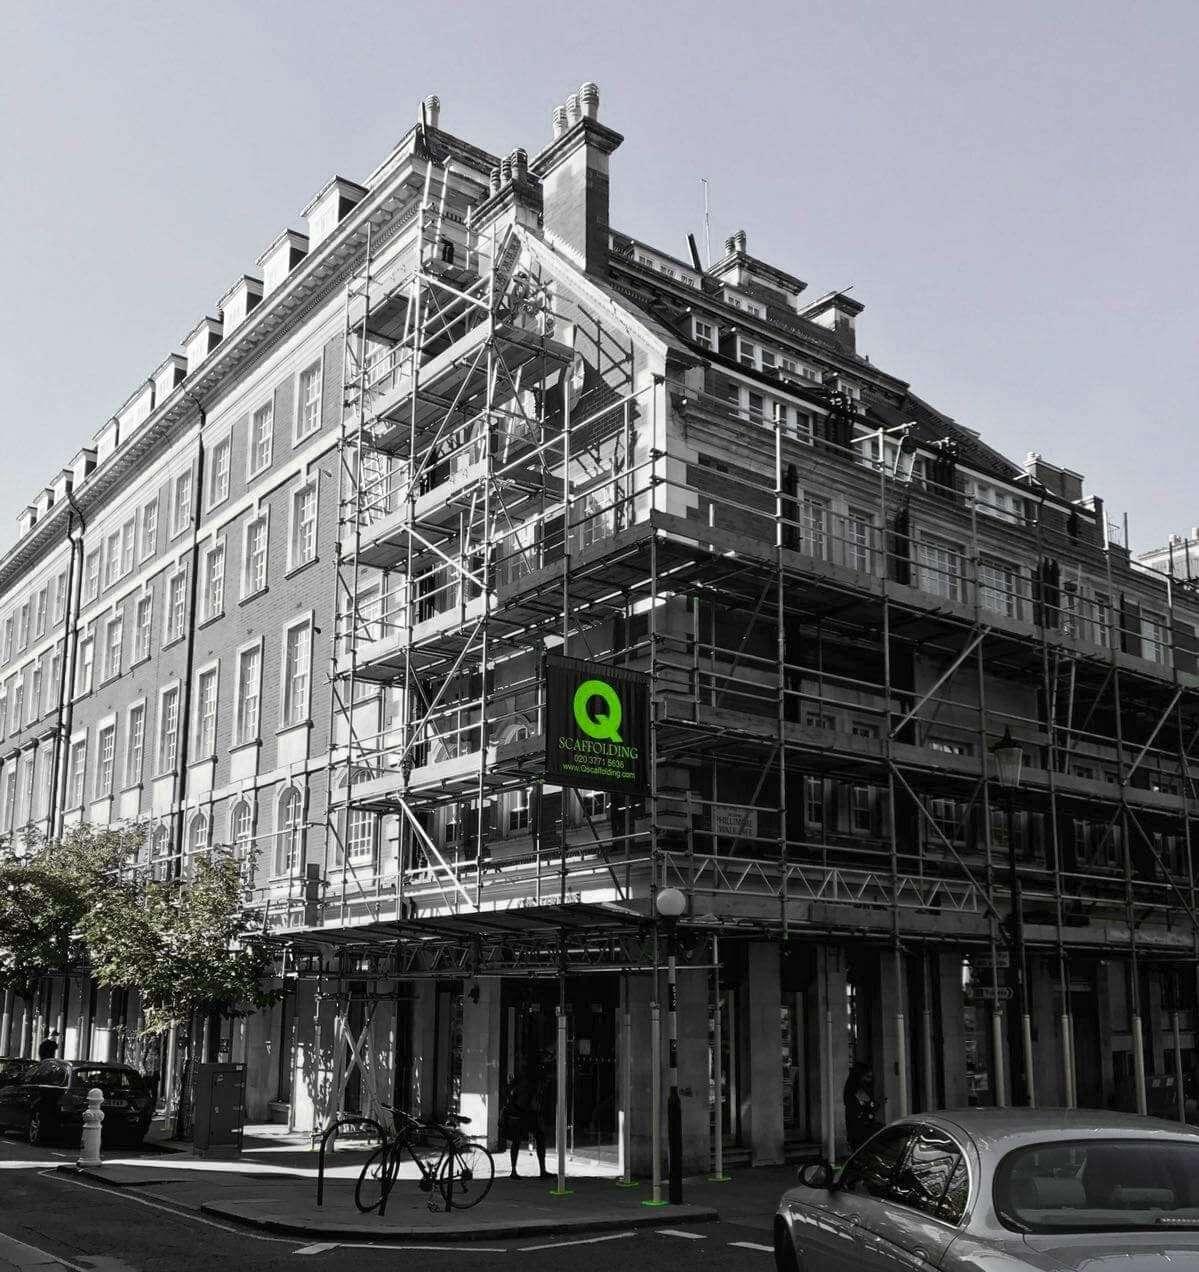 Scaffolding erectors in London